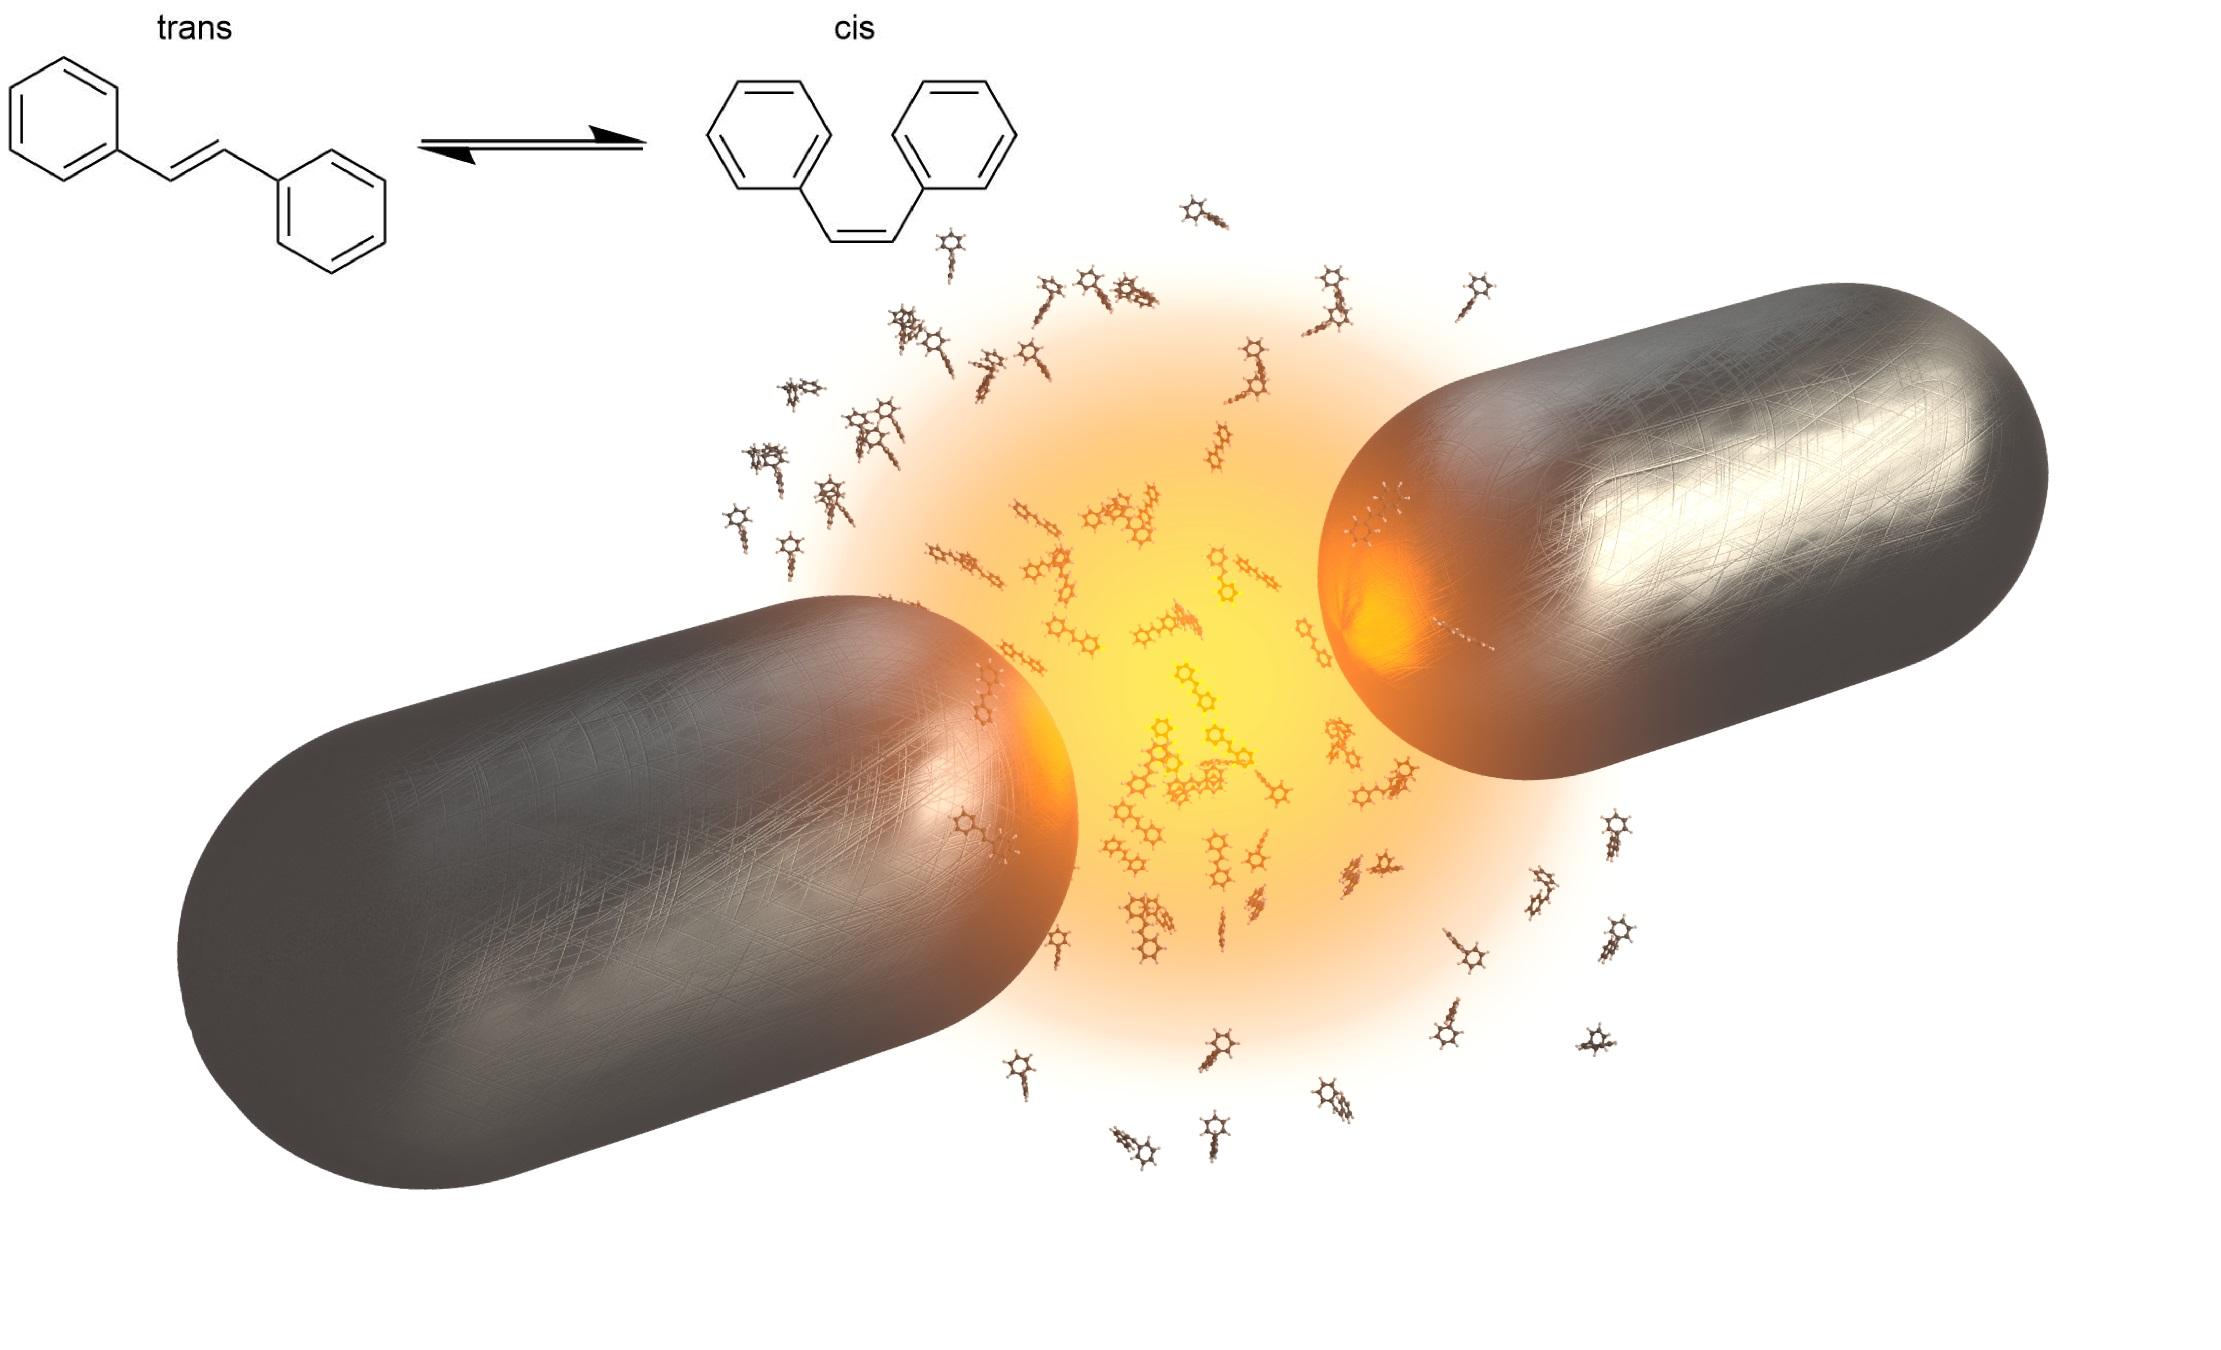 Cómo parar reacciones fotoquímicas con moléculas orgánicas y luz